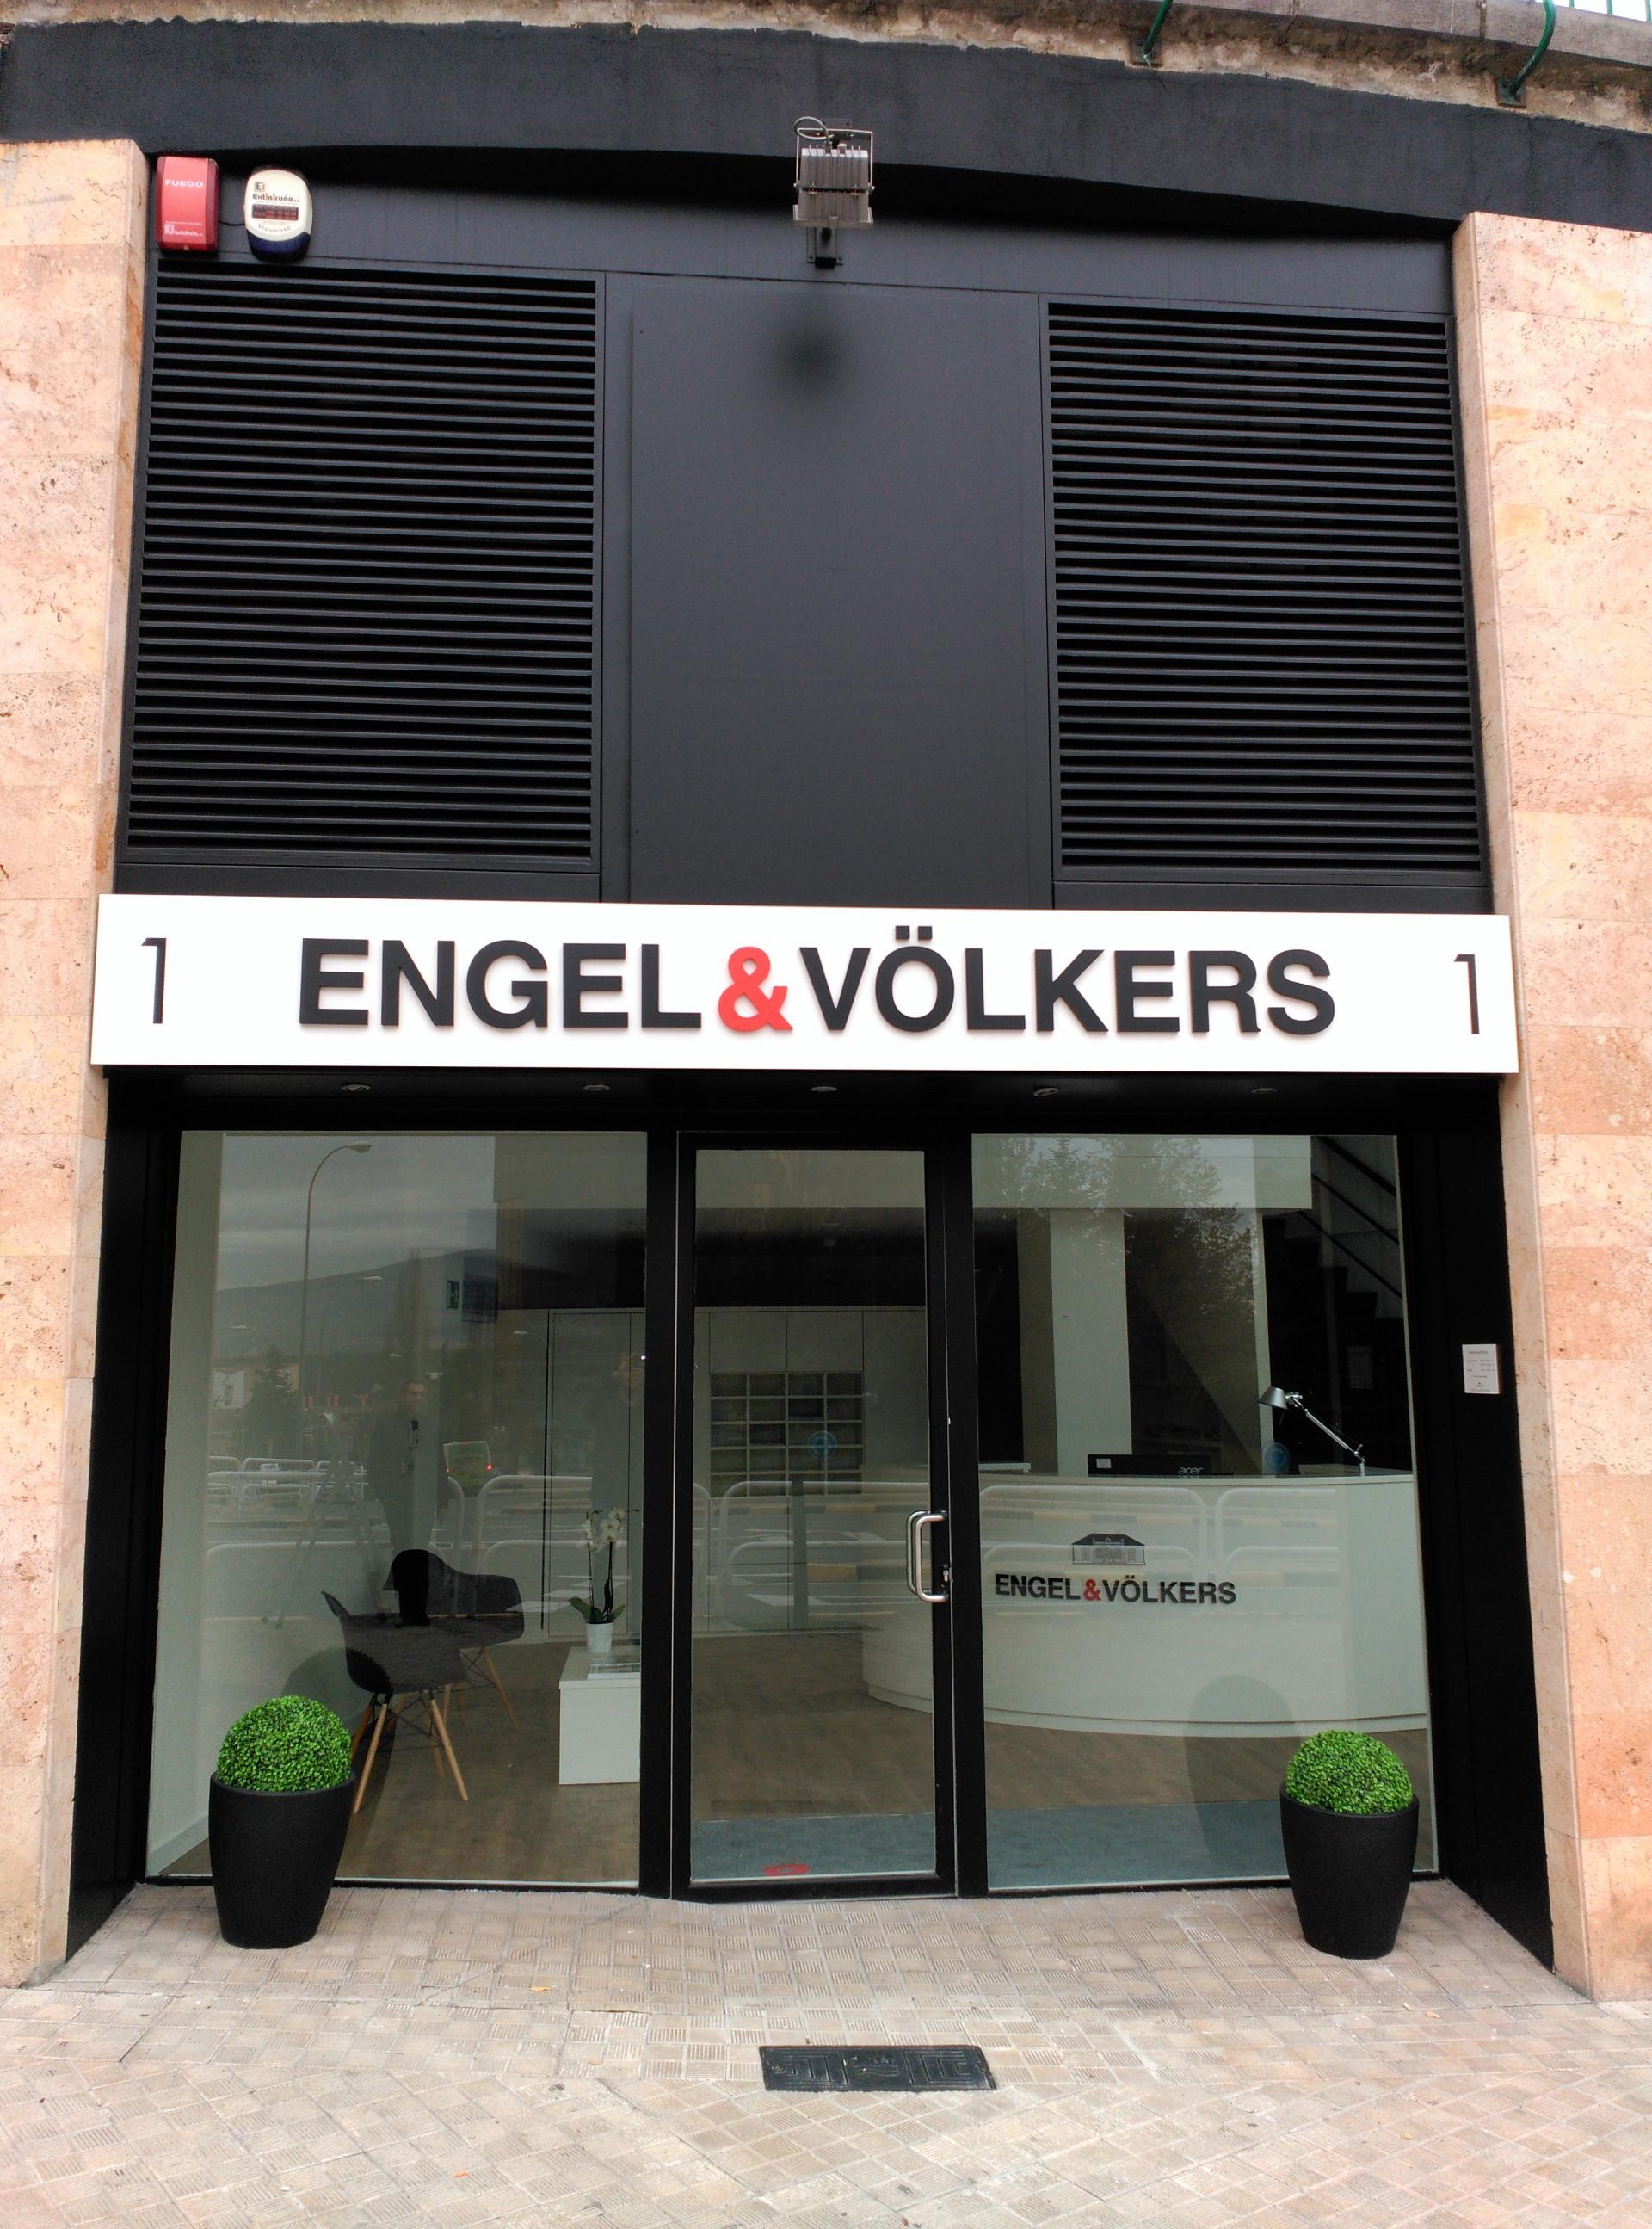 engel_&_volkers_fachada_vinilos_letras_corporeas